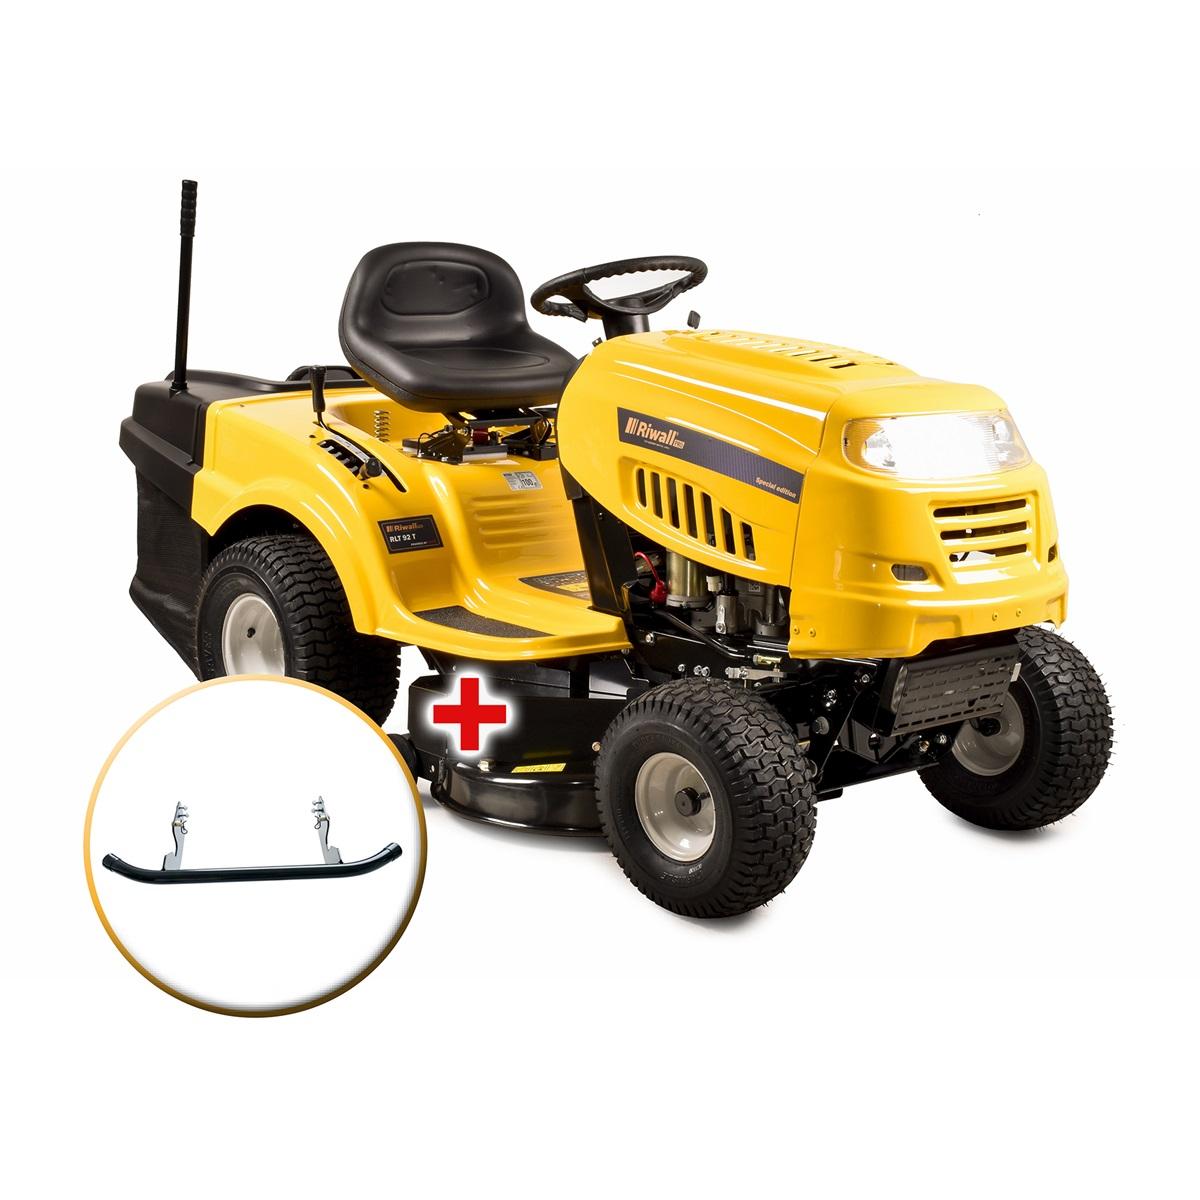 travní traktor se zadním výhozem a 6-ti stupňovou převodovkou Transmatic + nárazník Riwall PRO RLT 92 T